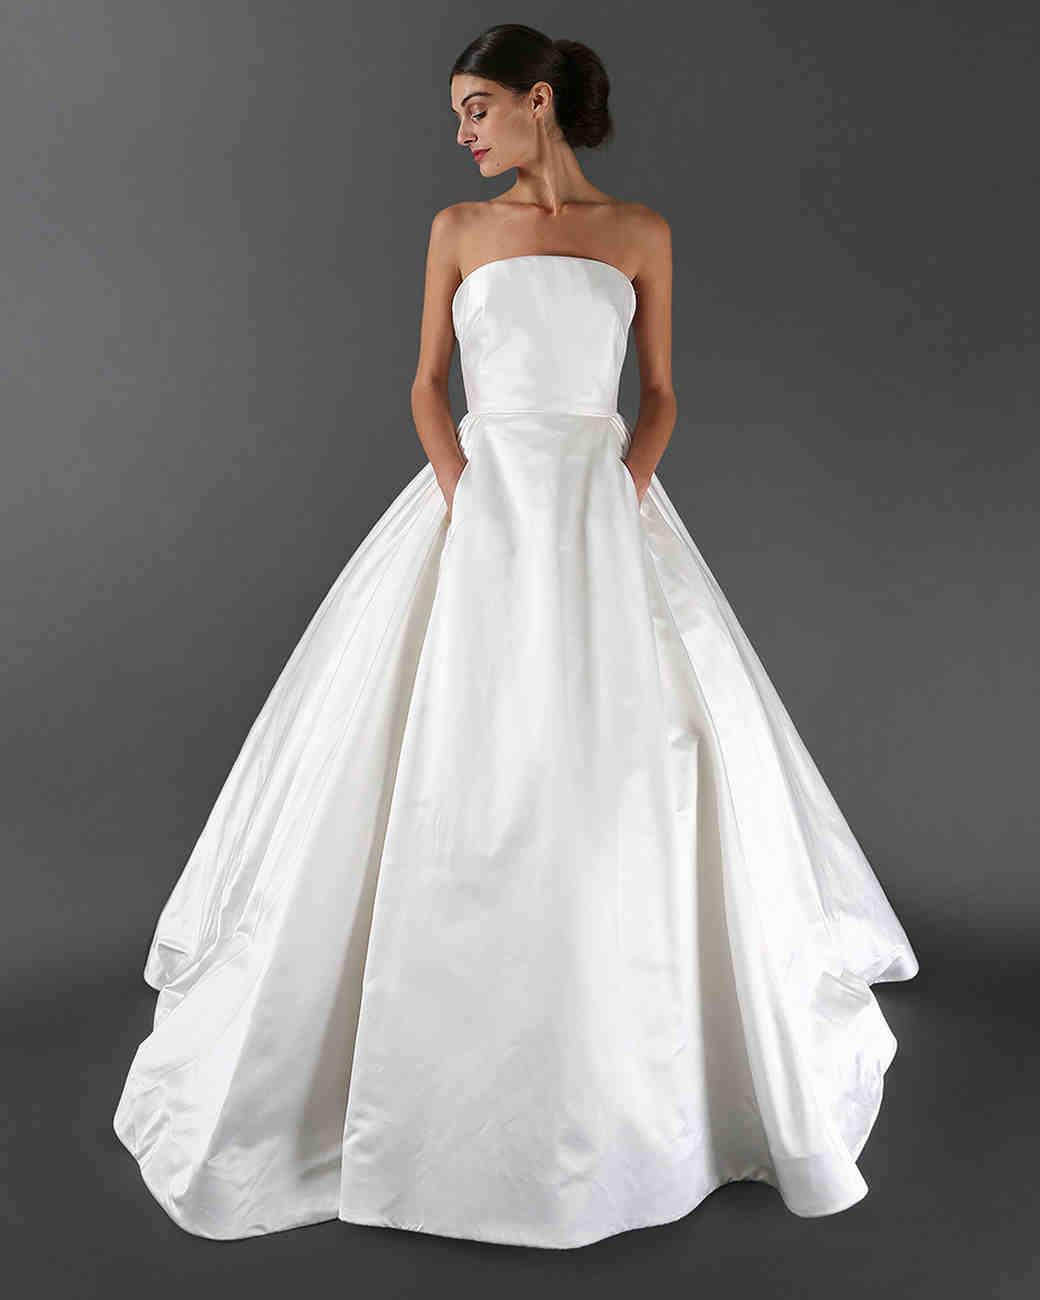 Kleinfeld's Wedding Dress with Pockets